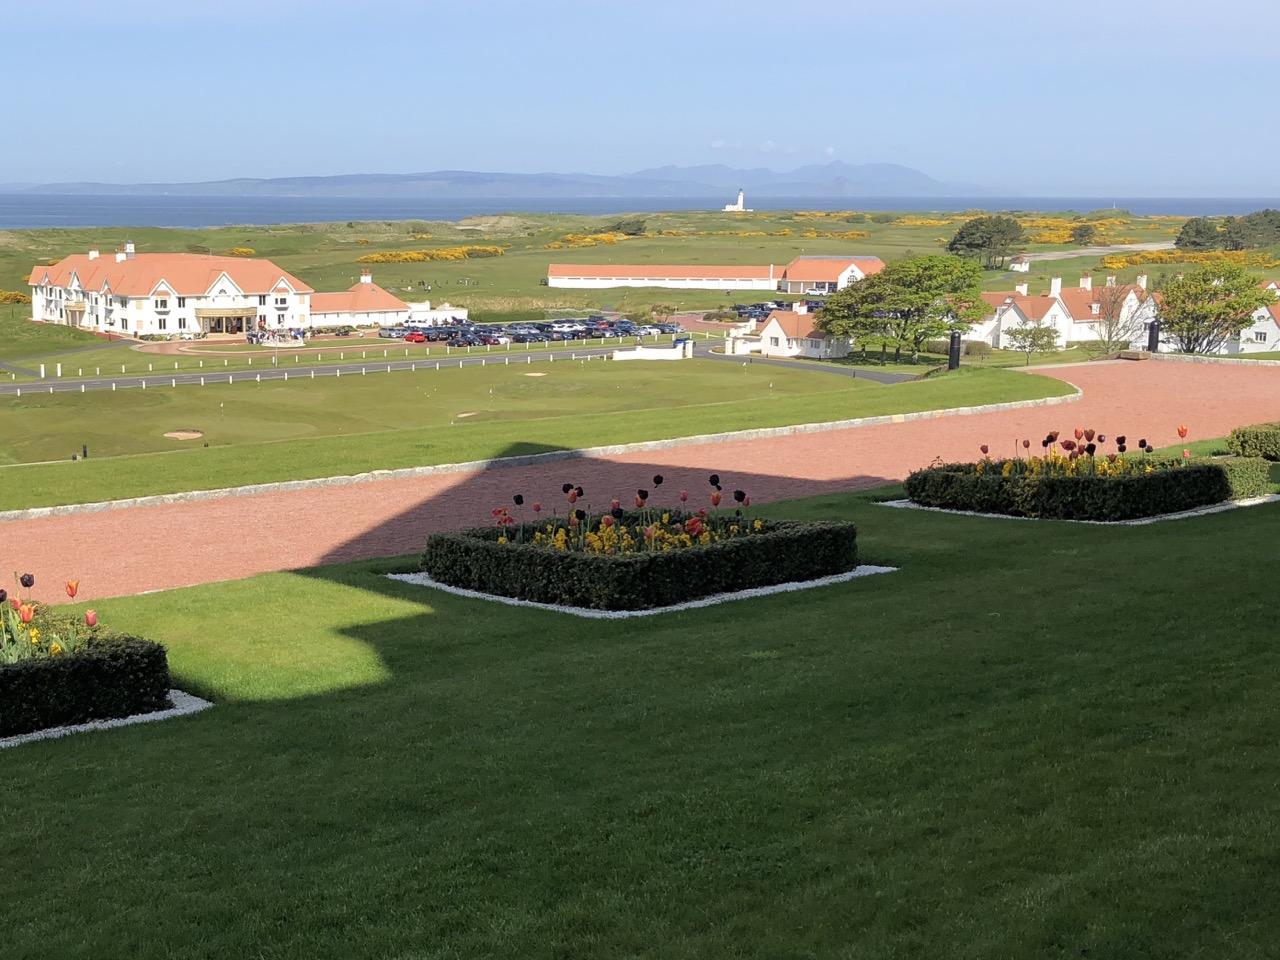 Vue de la terrasse de l'hotel. A gauche le club-house, à droite les villas